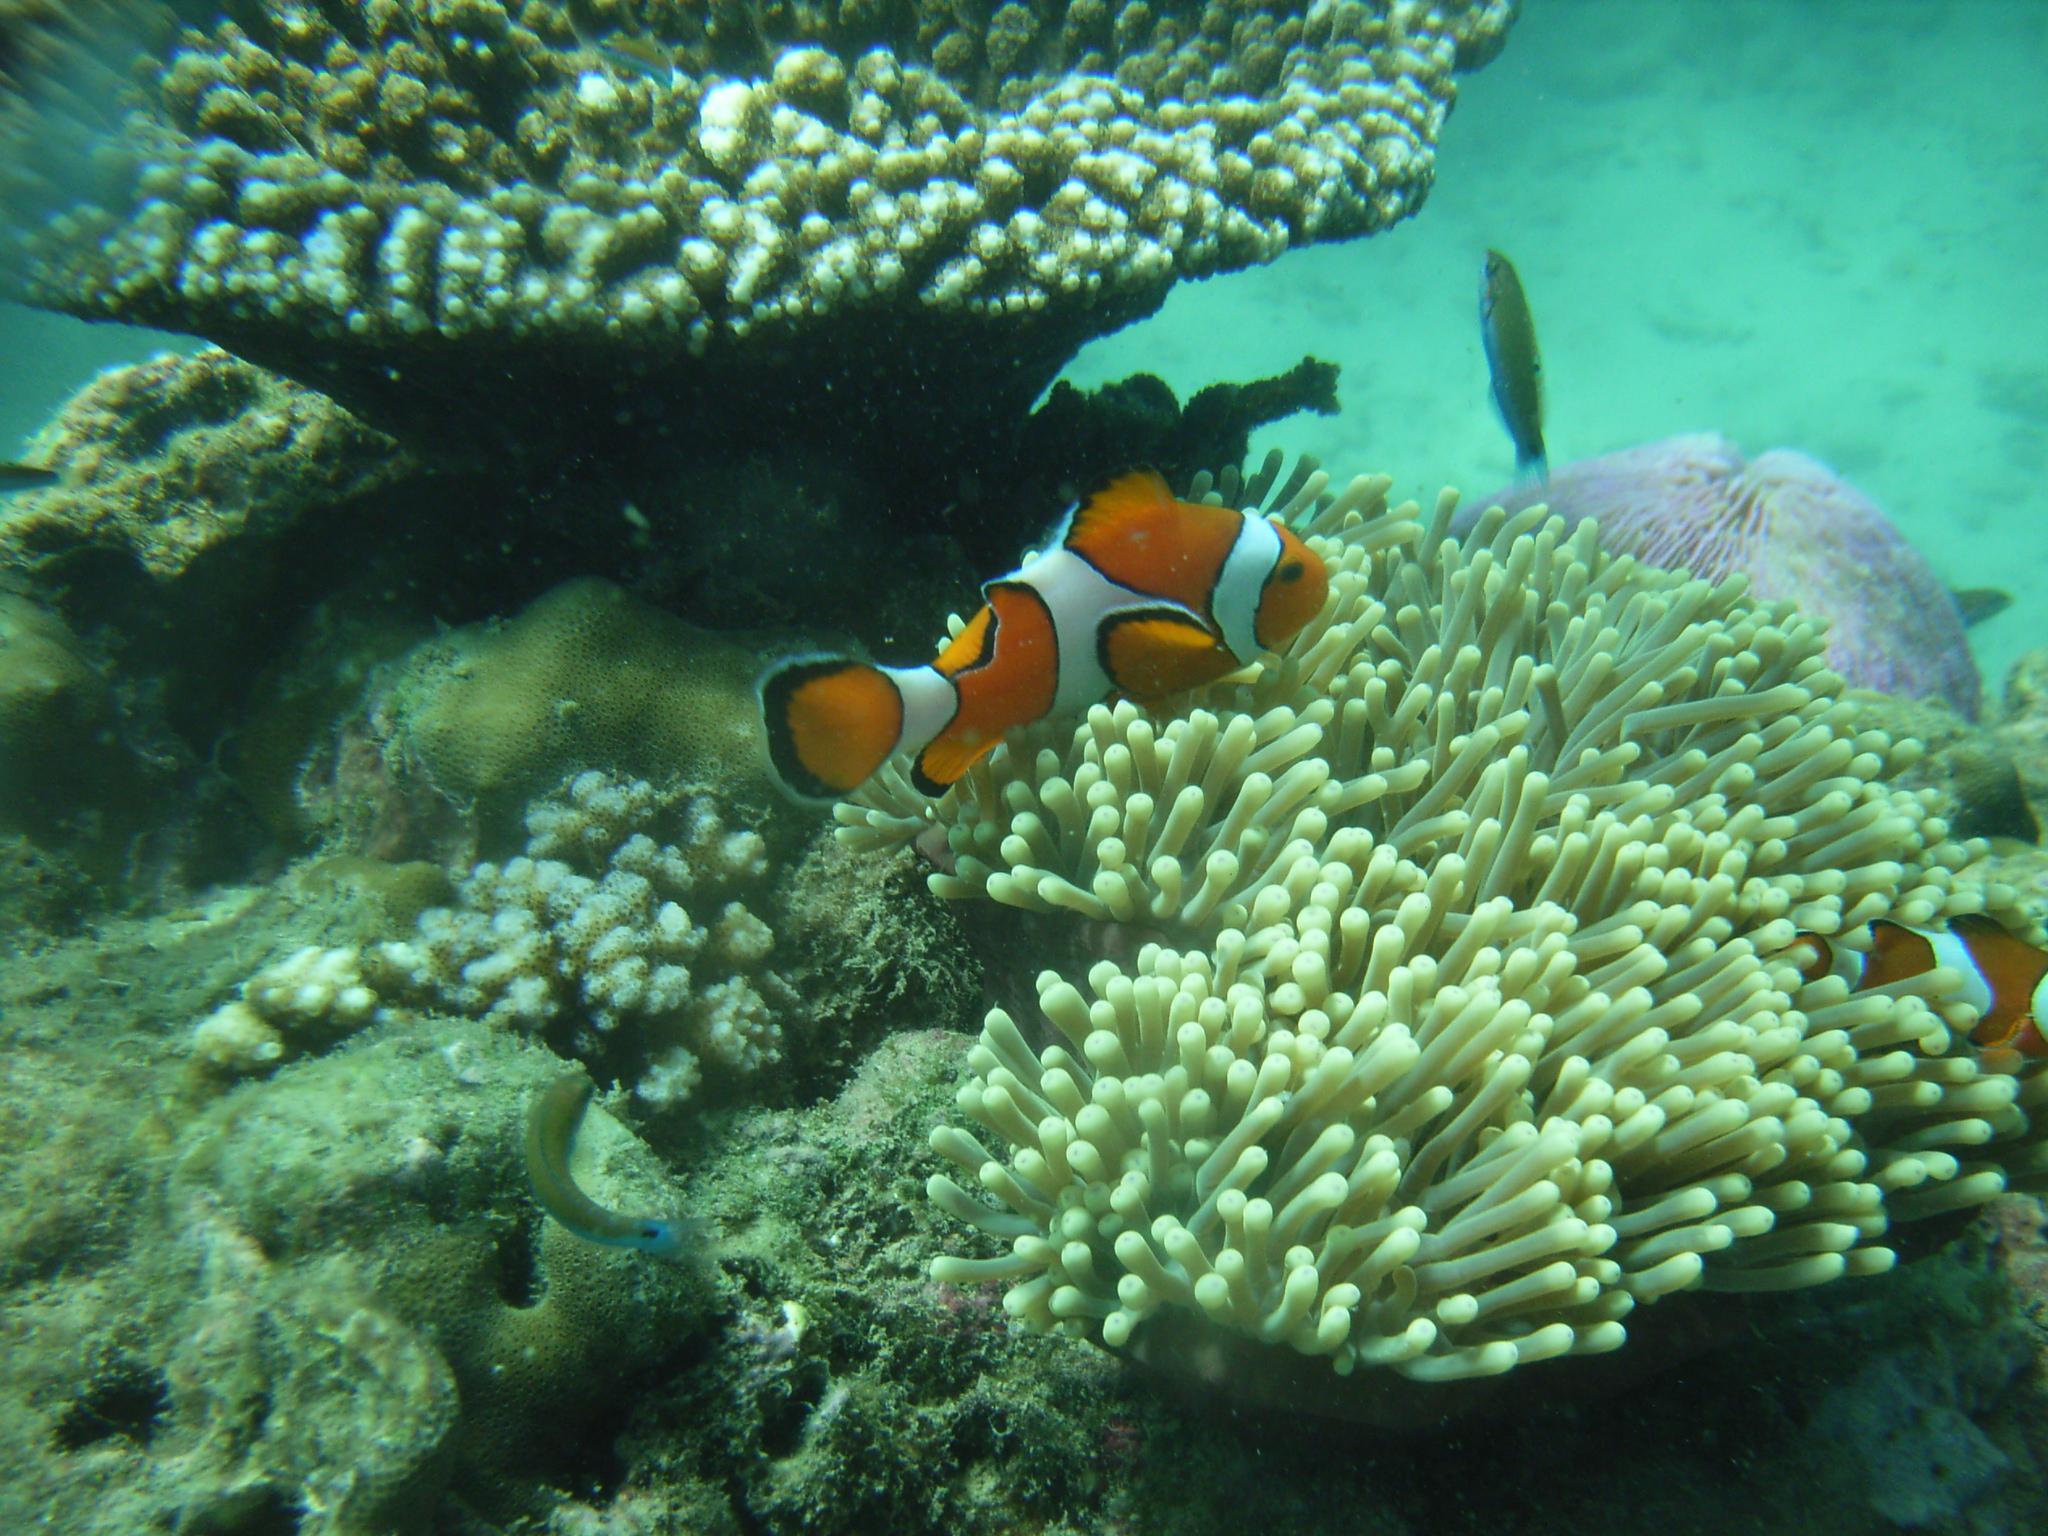 旅行心情记录:最美丽的动物.其实是在海里